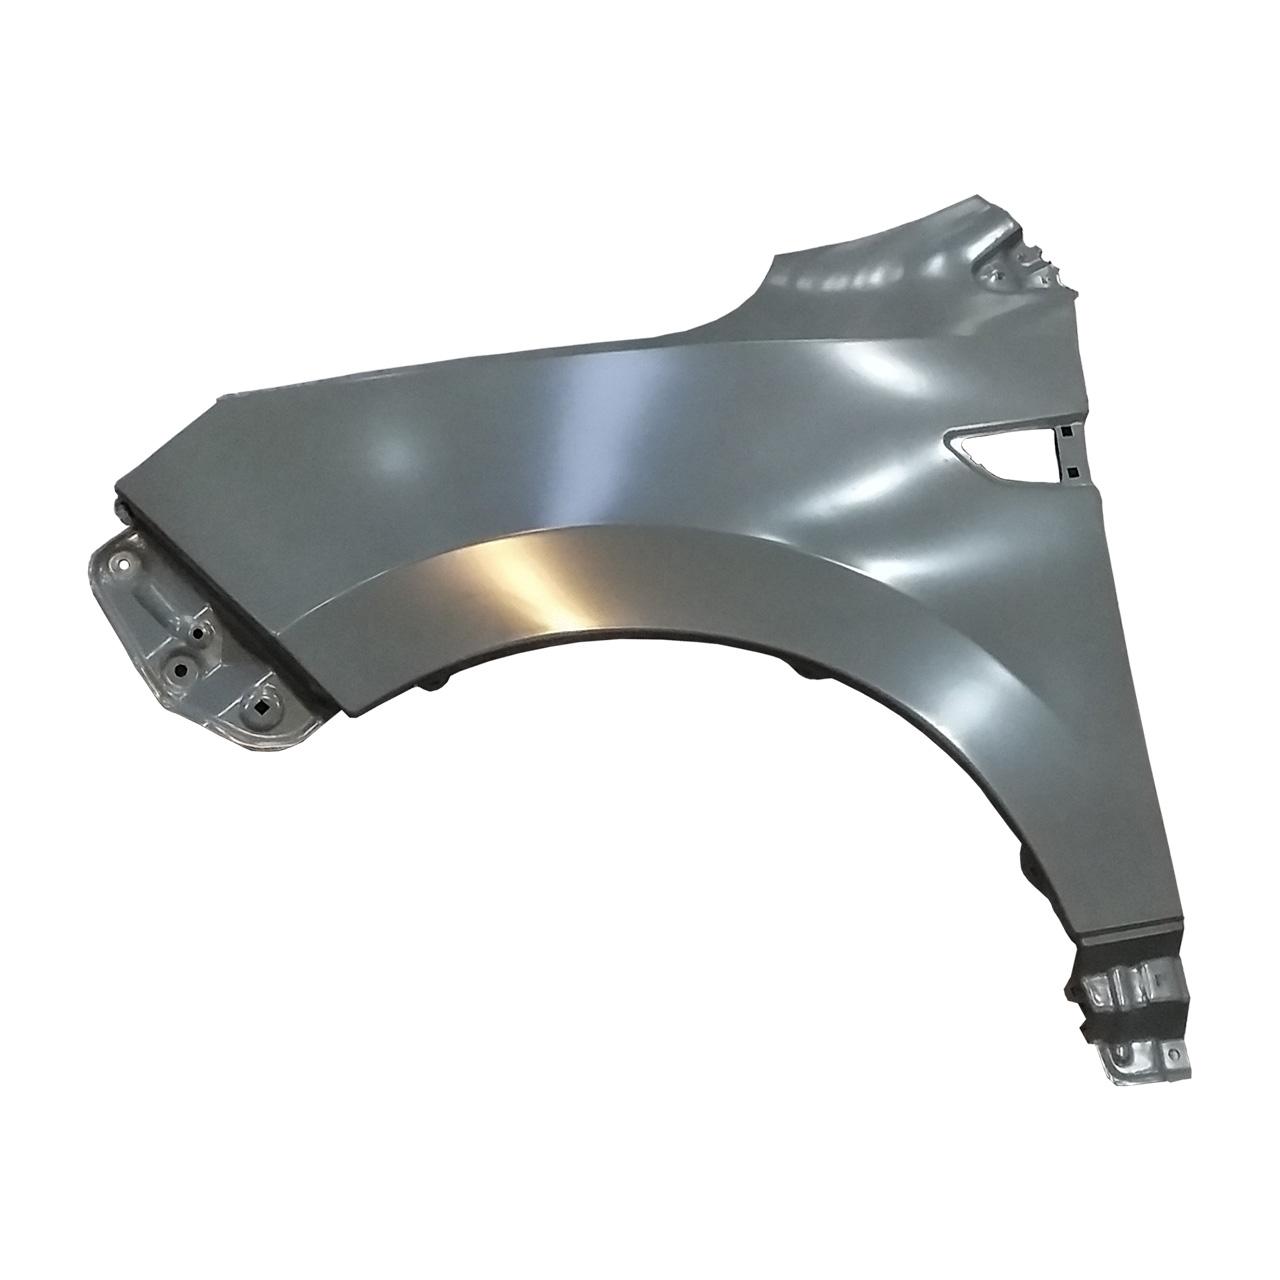 گلگیر جلو چپ مدل 8403101U1510E مناسب برای جک S5